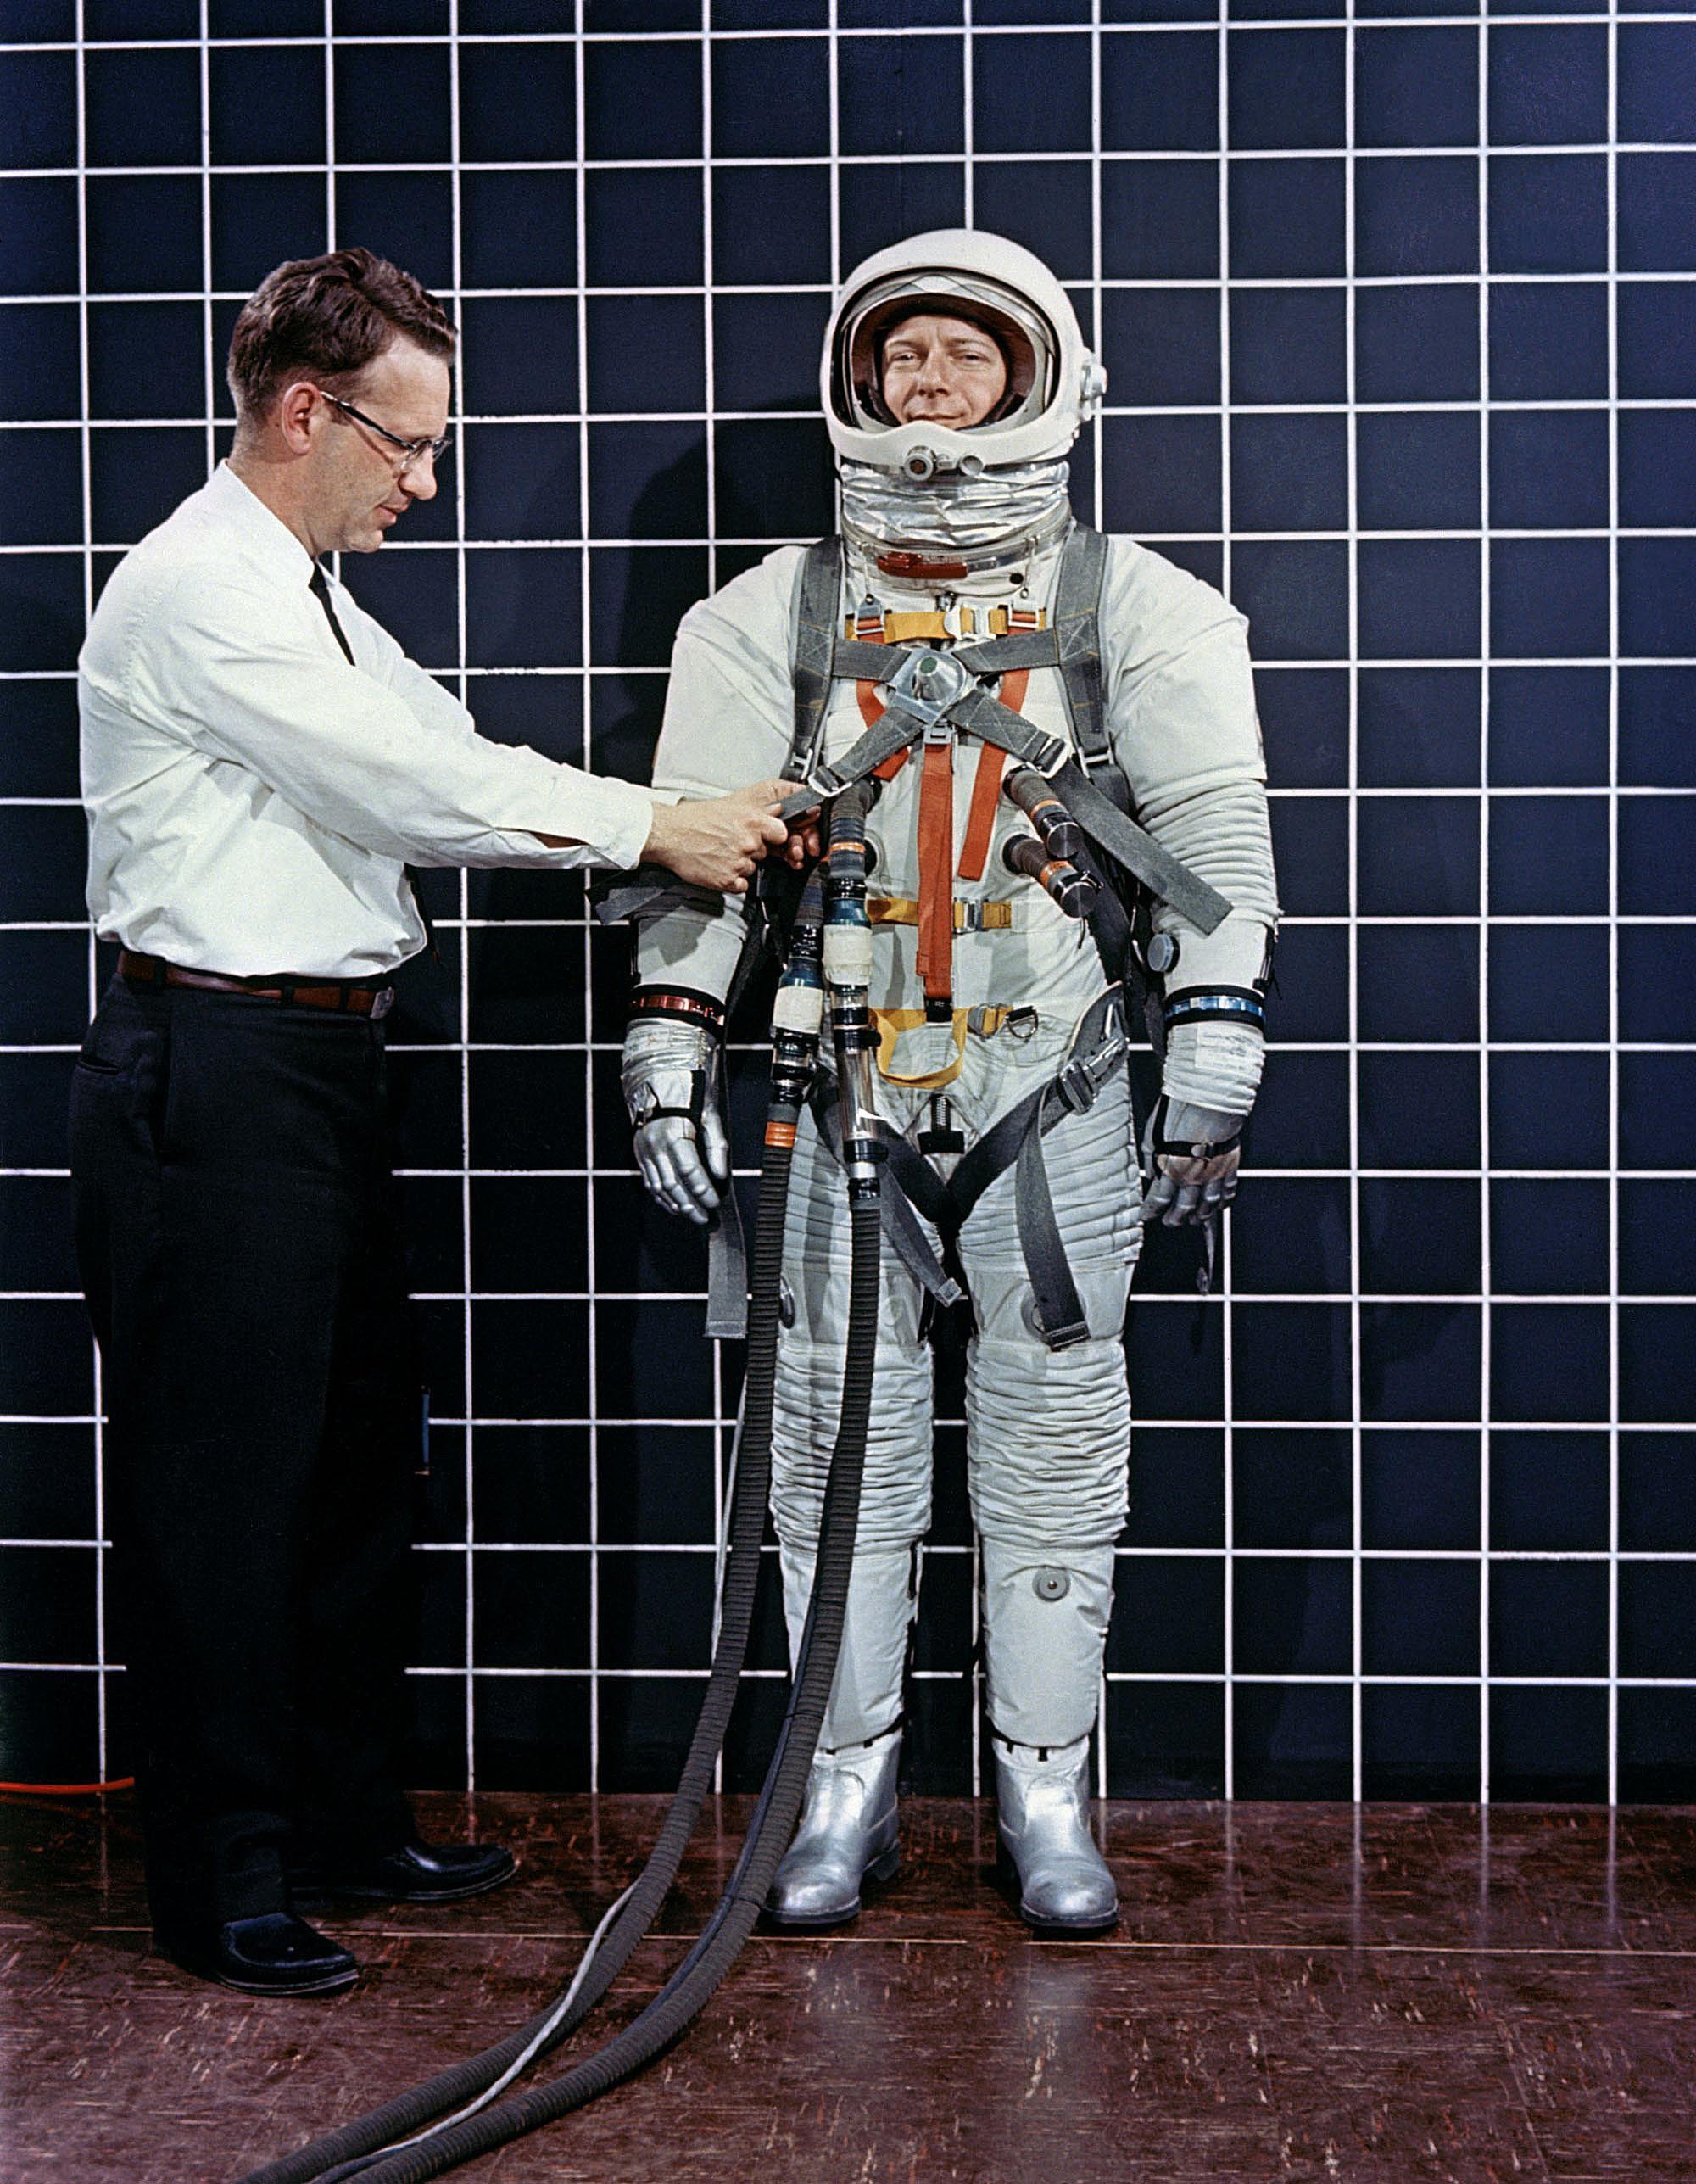 Space suit A-3H-024 with Lunar Excursion Module astronaut restraint harness